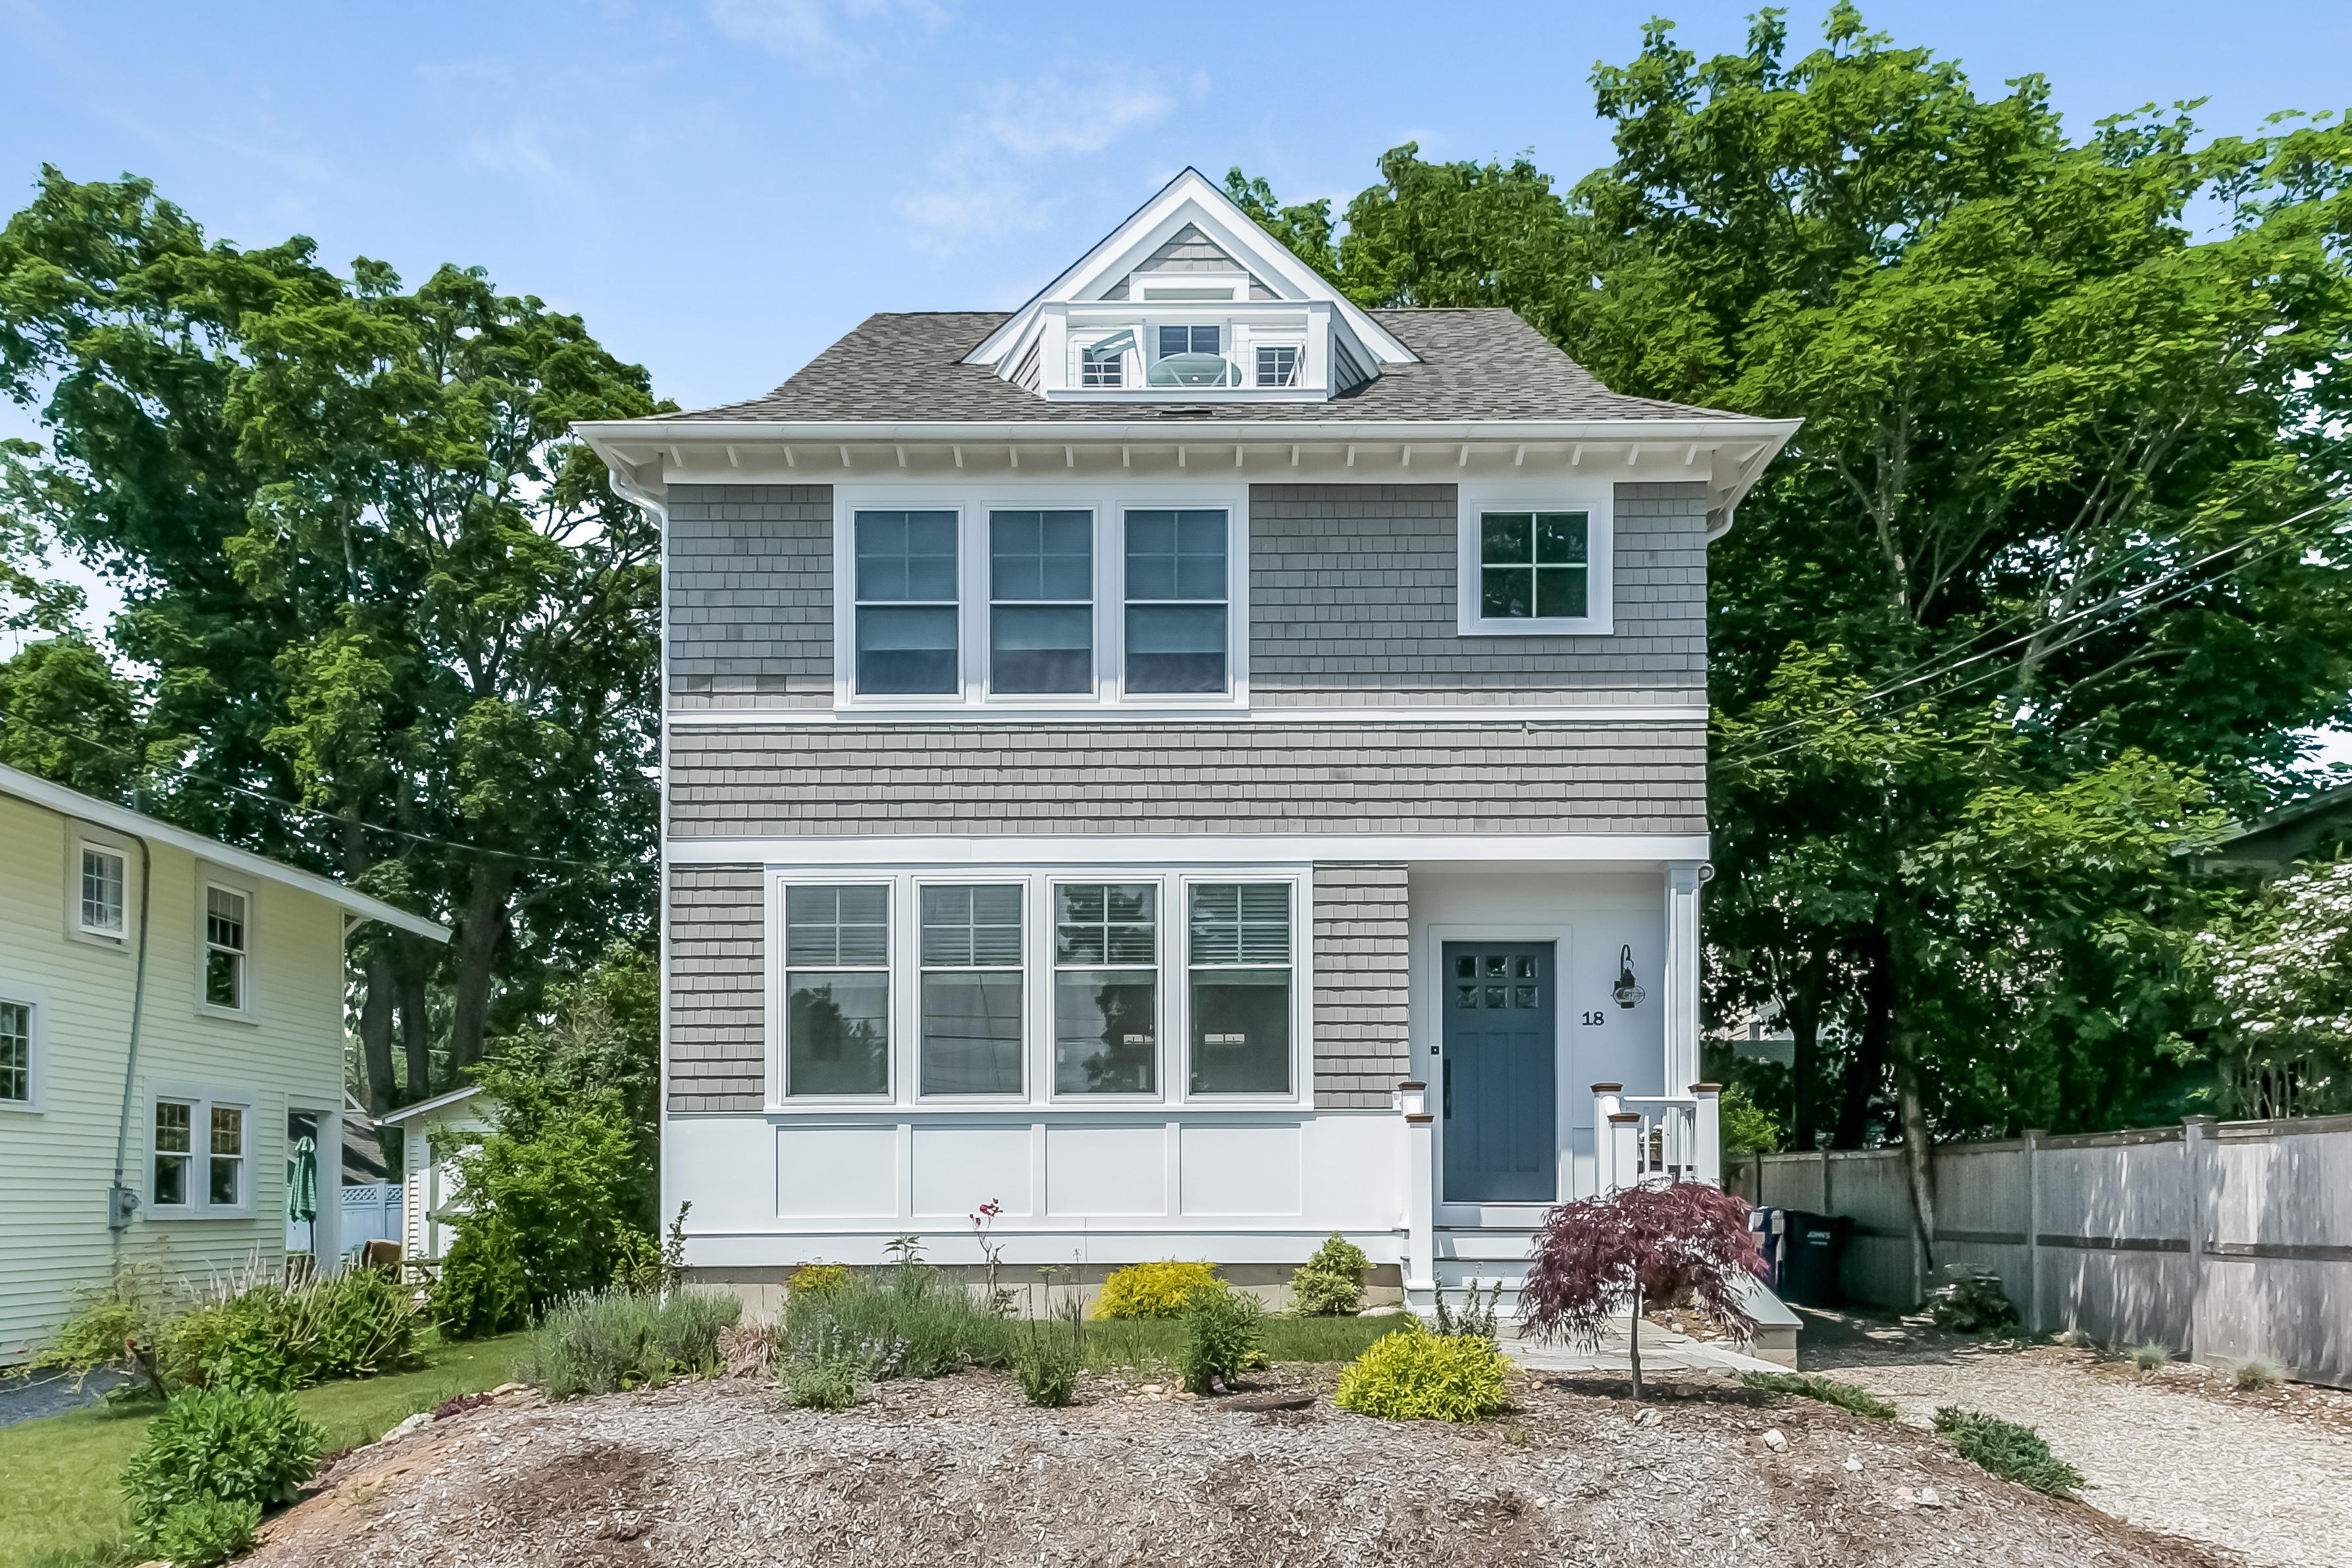 Maison unifamiliale pour l Vente à A Madison Gem! 18 Linden Ln Madison, Connecticut, 06443 États-Unis